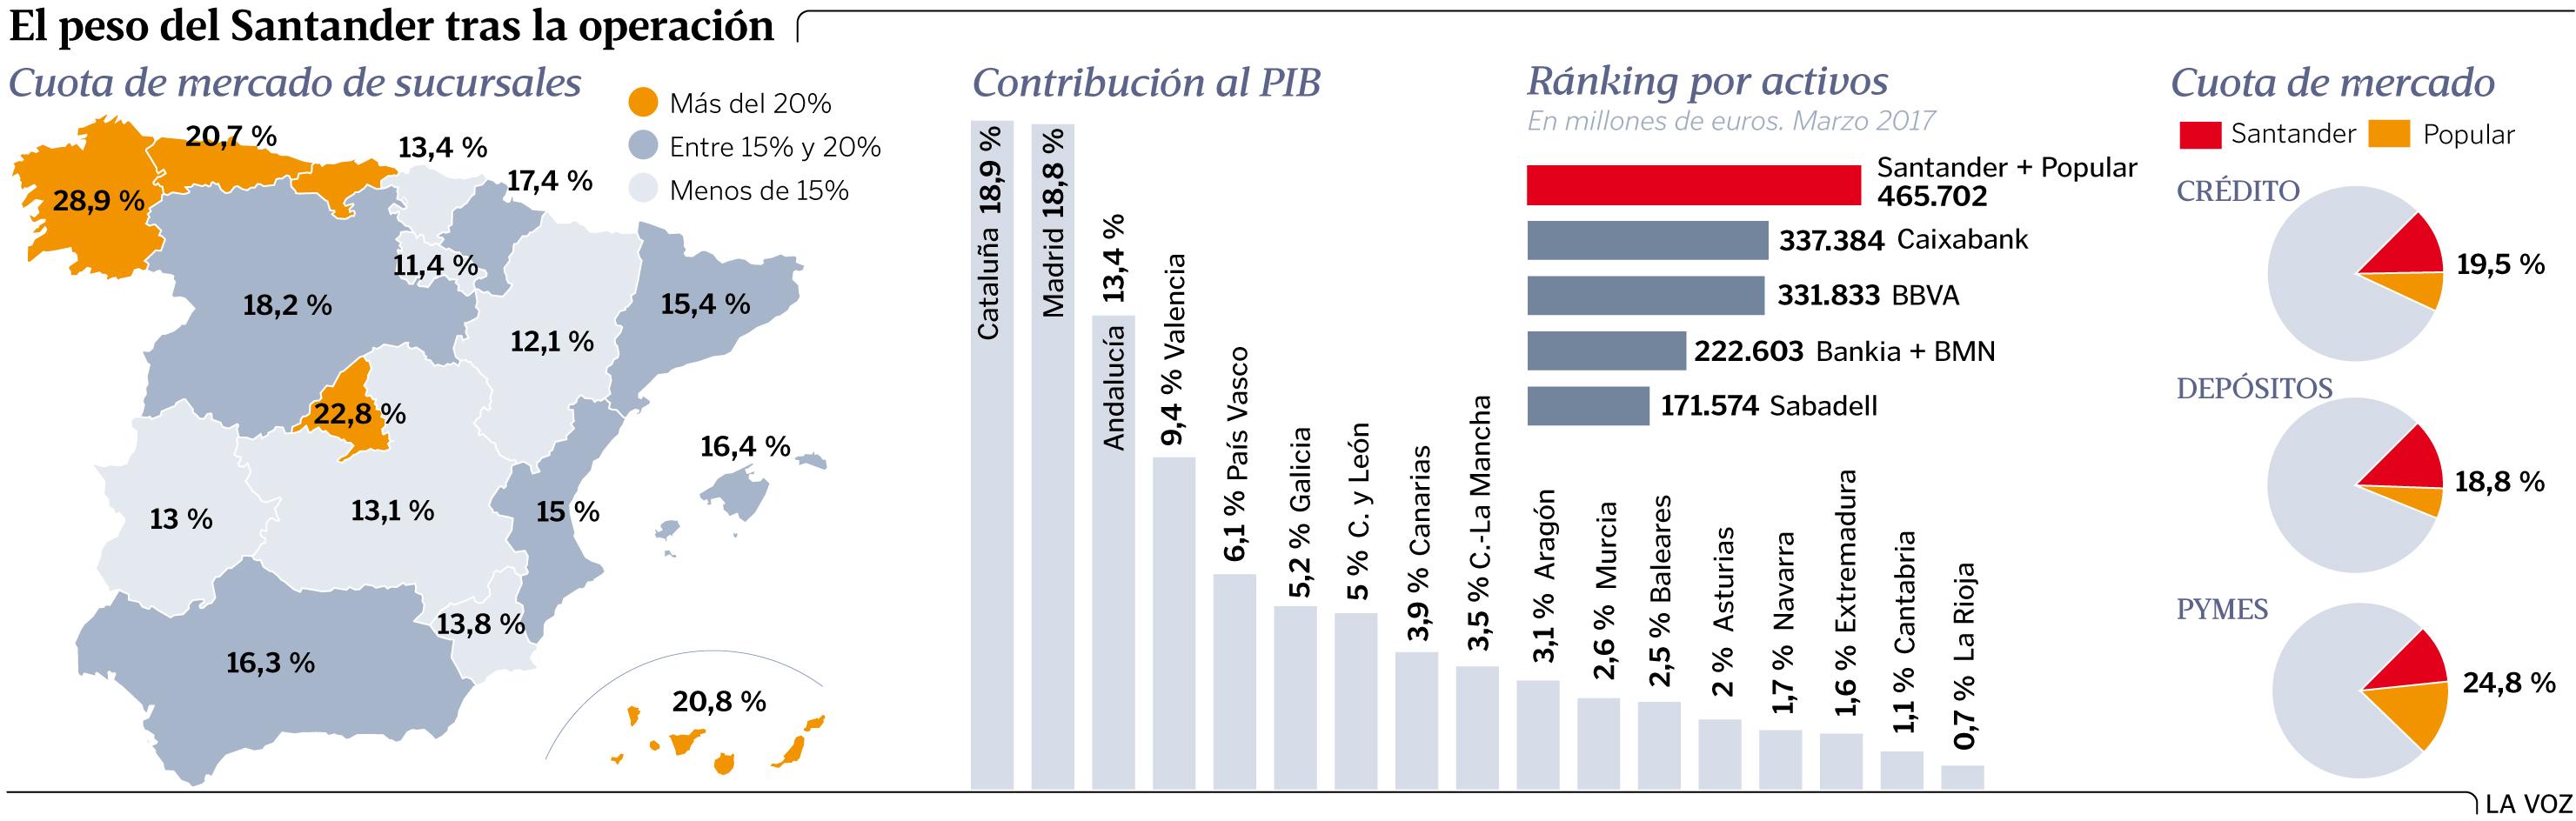 Negocio de la banca en España. El gobierno avala a la banca privada por otros 100.000 millones. Cooperación sindical.  - Página 8 Gj8p2g1-01